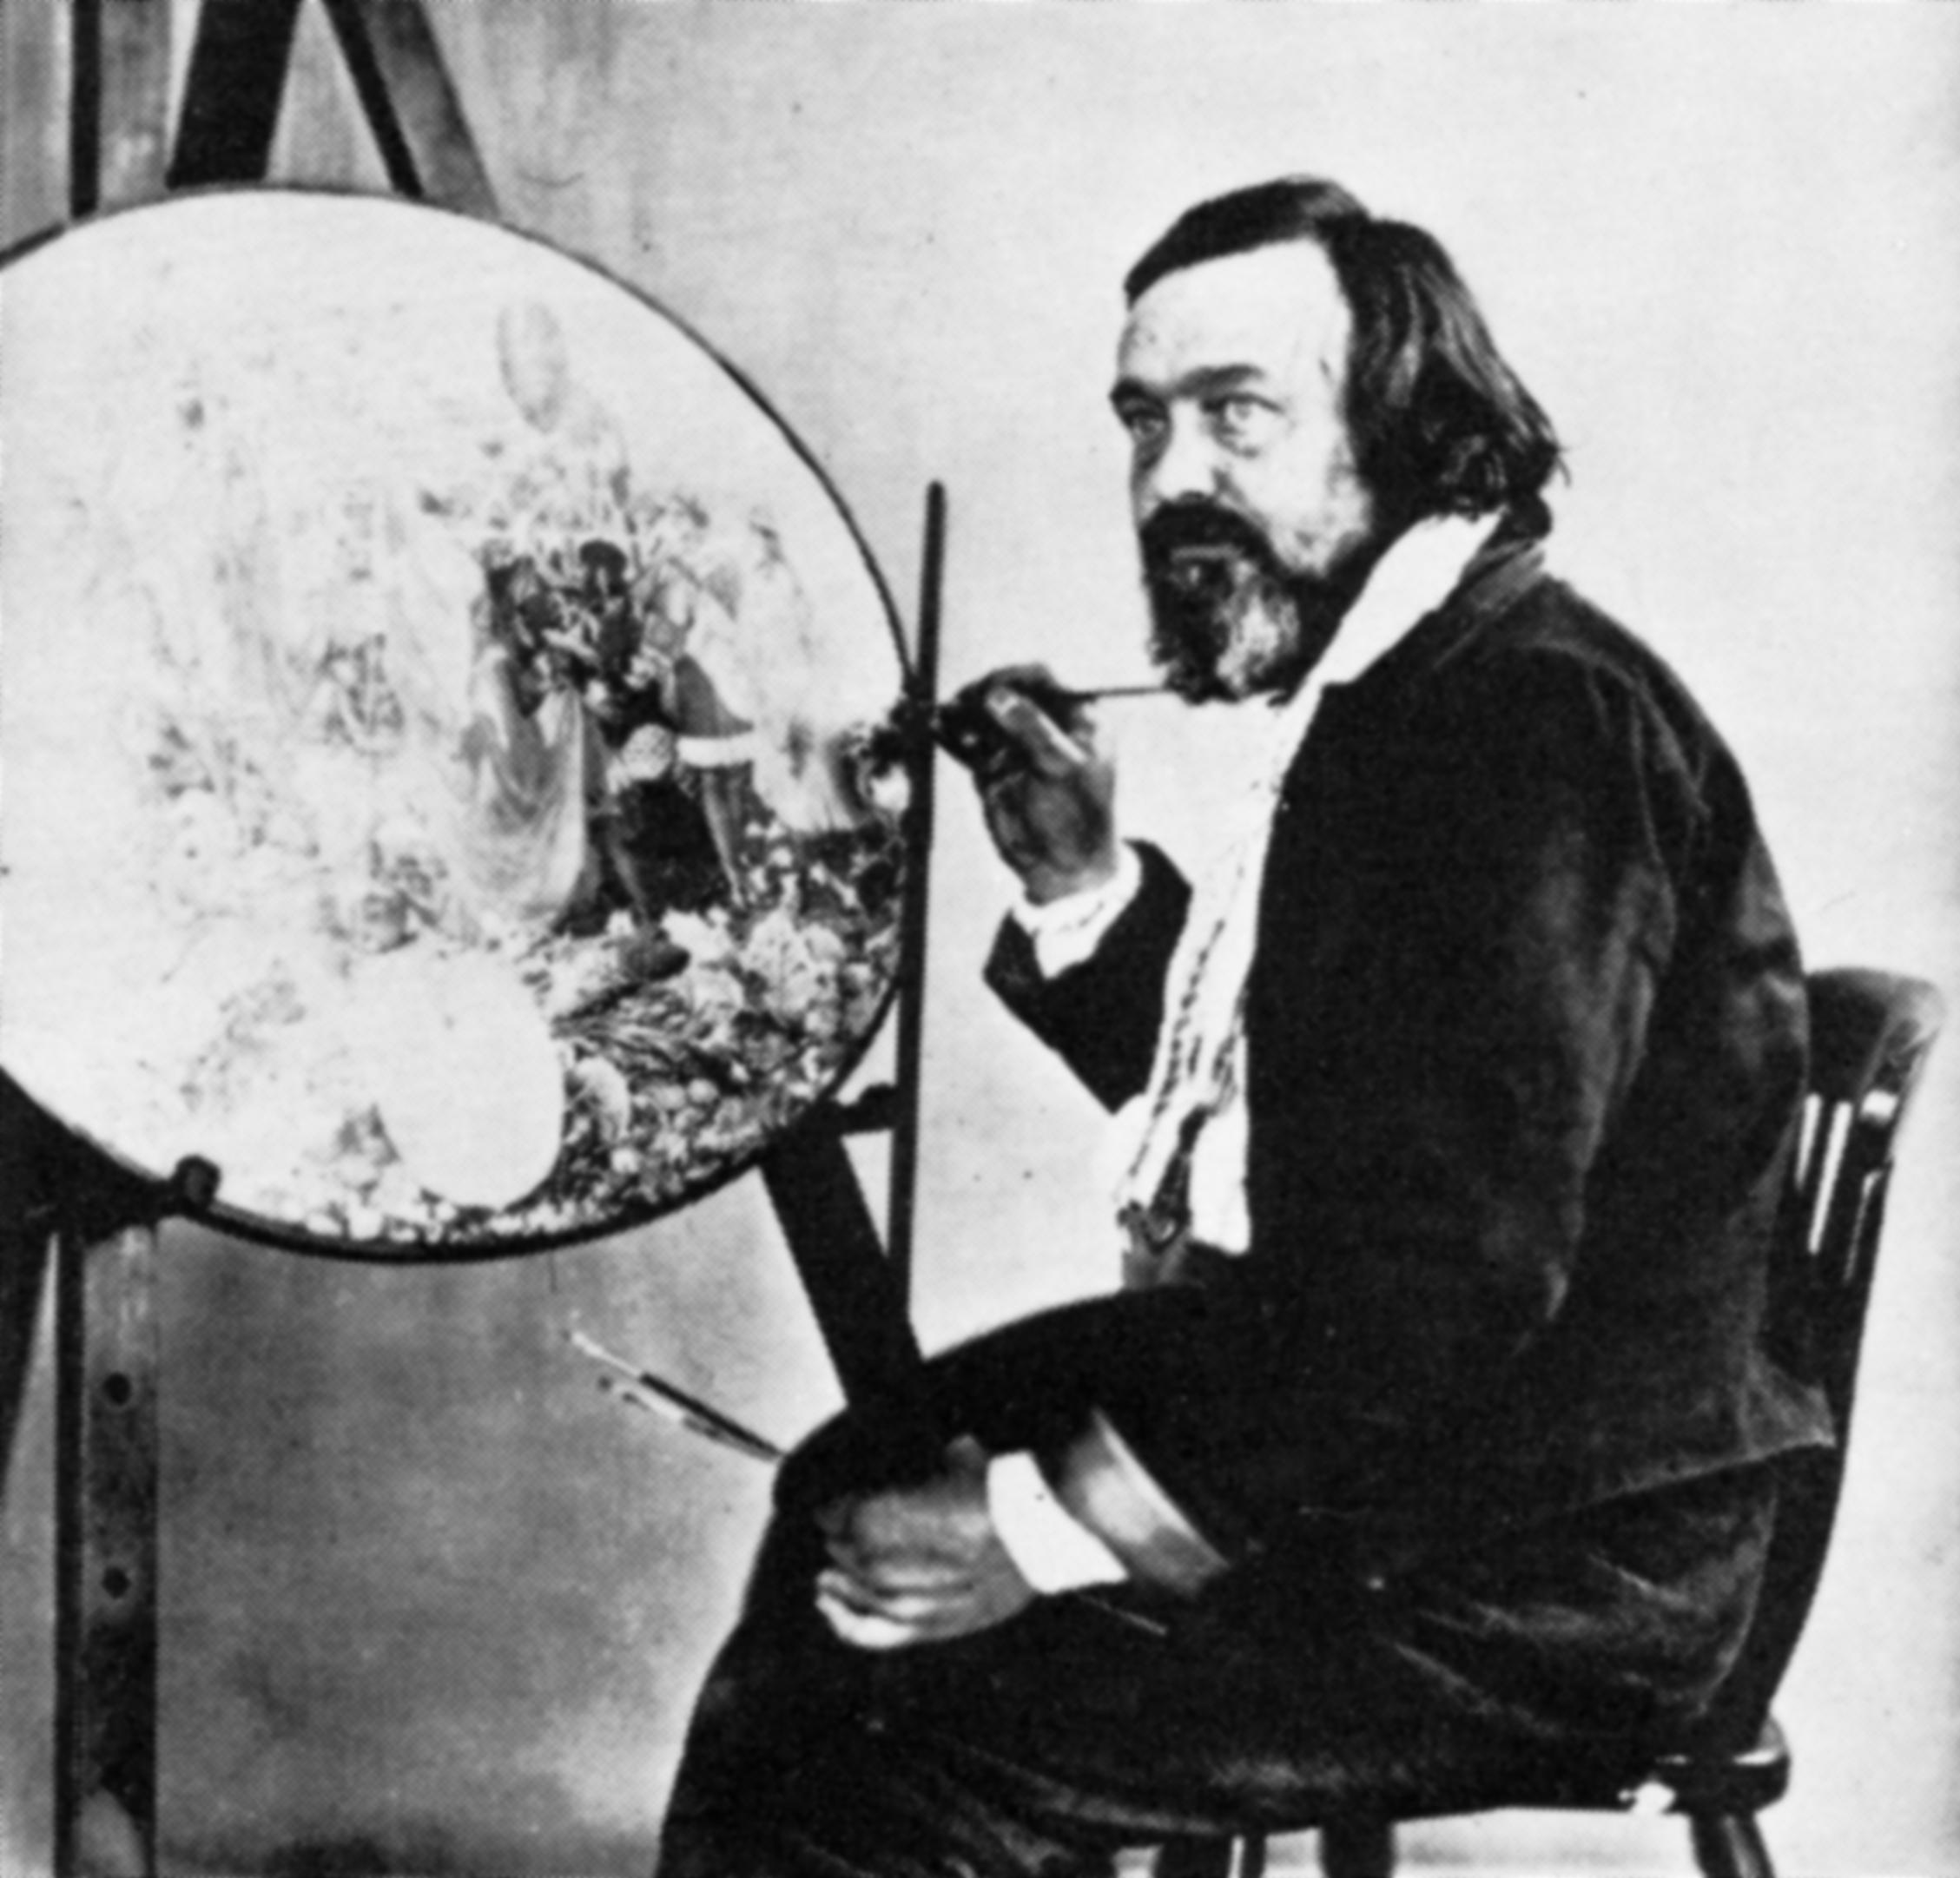 Richard Dadd pintando en el psiquiátrico